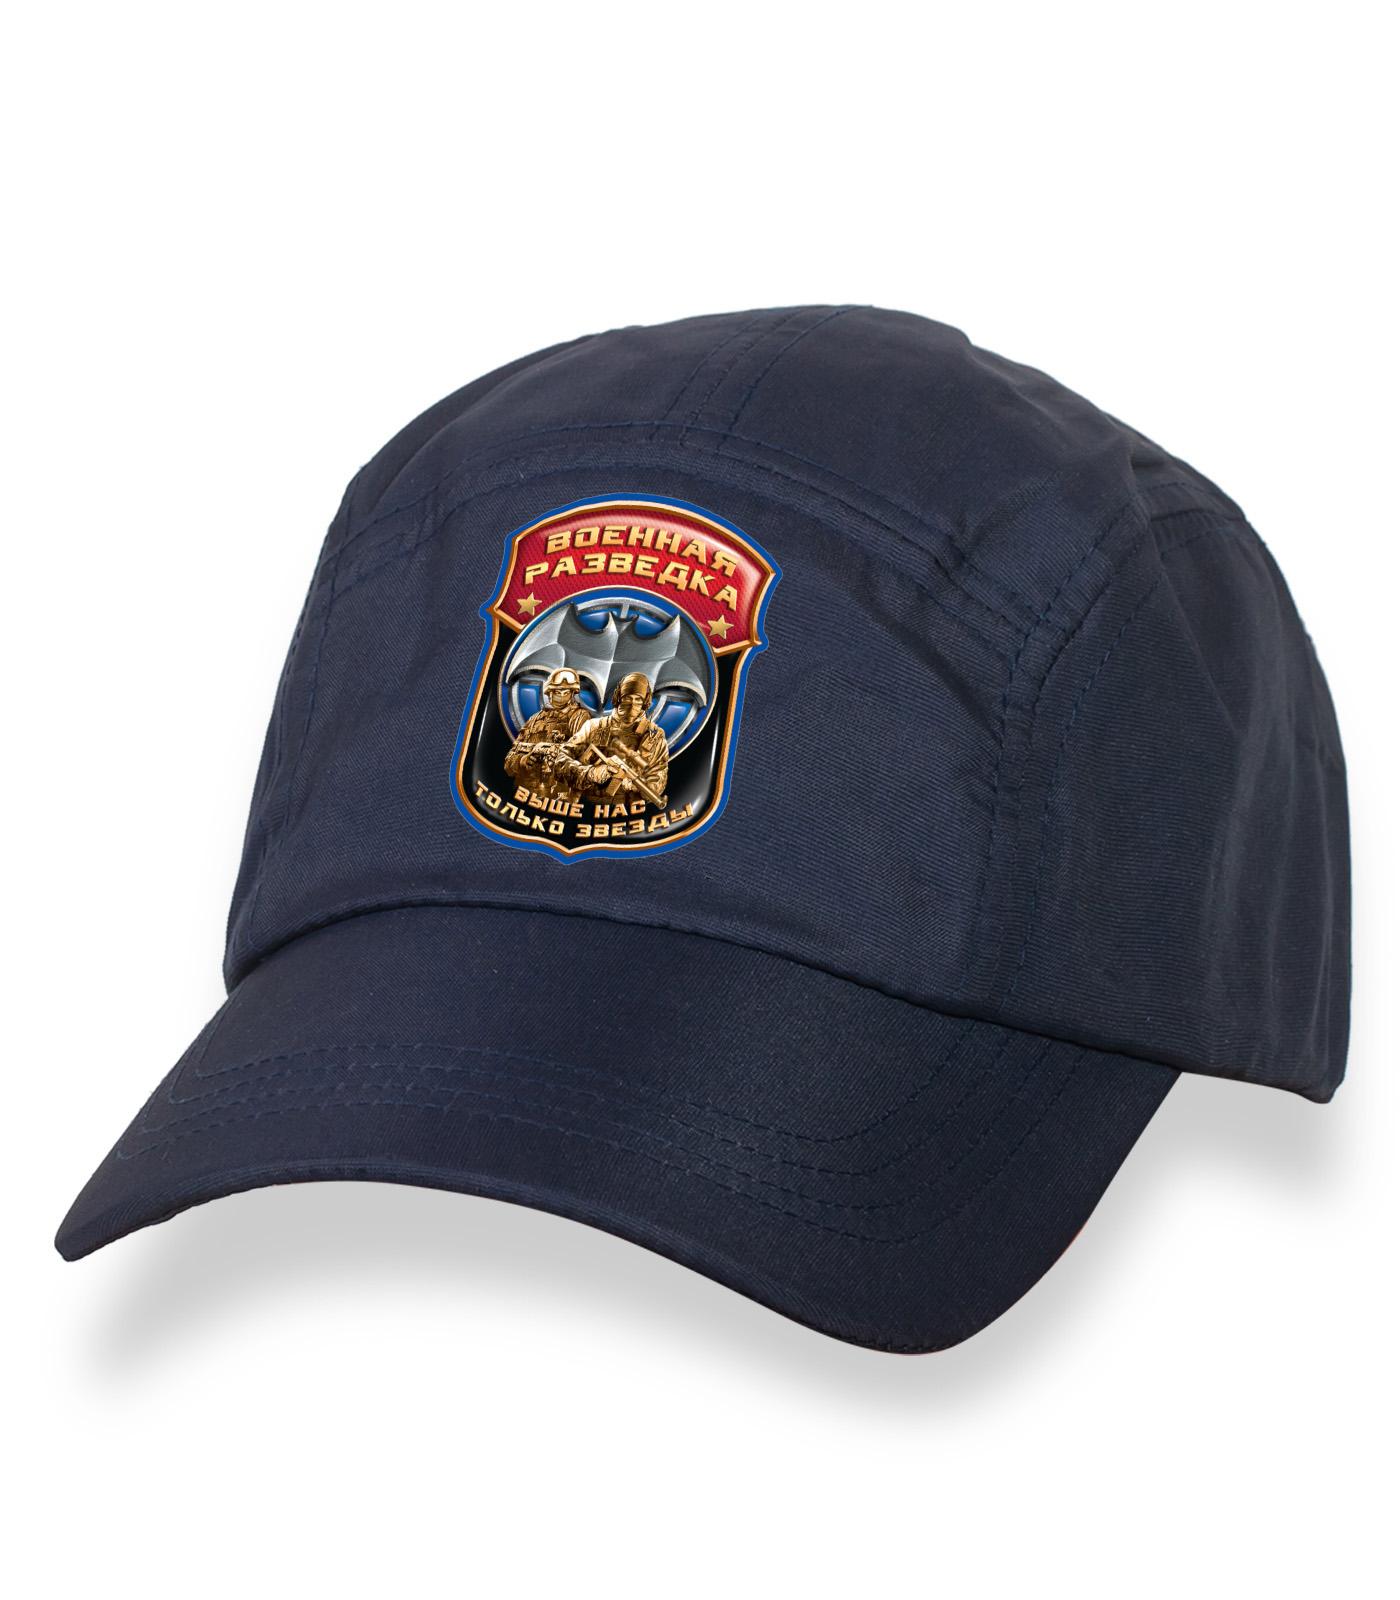 Крутая темно-синяя бейсболка с термотрансфером Военная Разведка